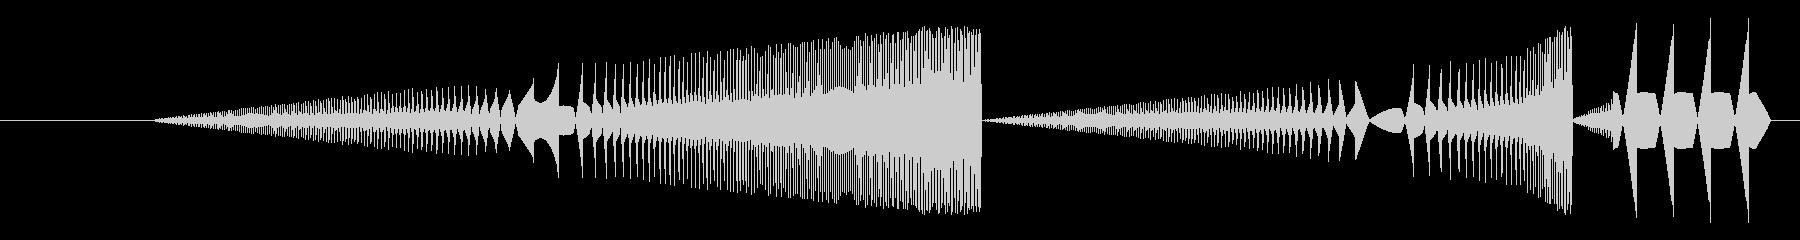 FX アーケードプレイ01の未再生の波形